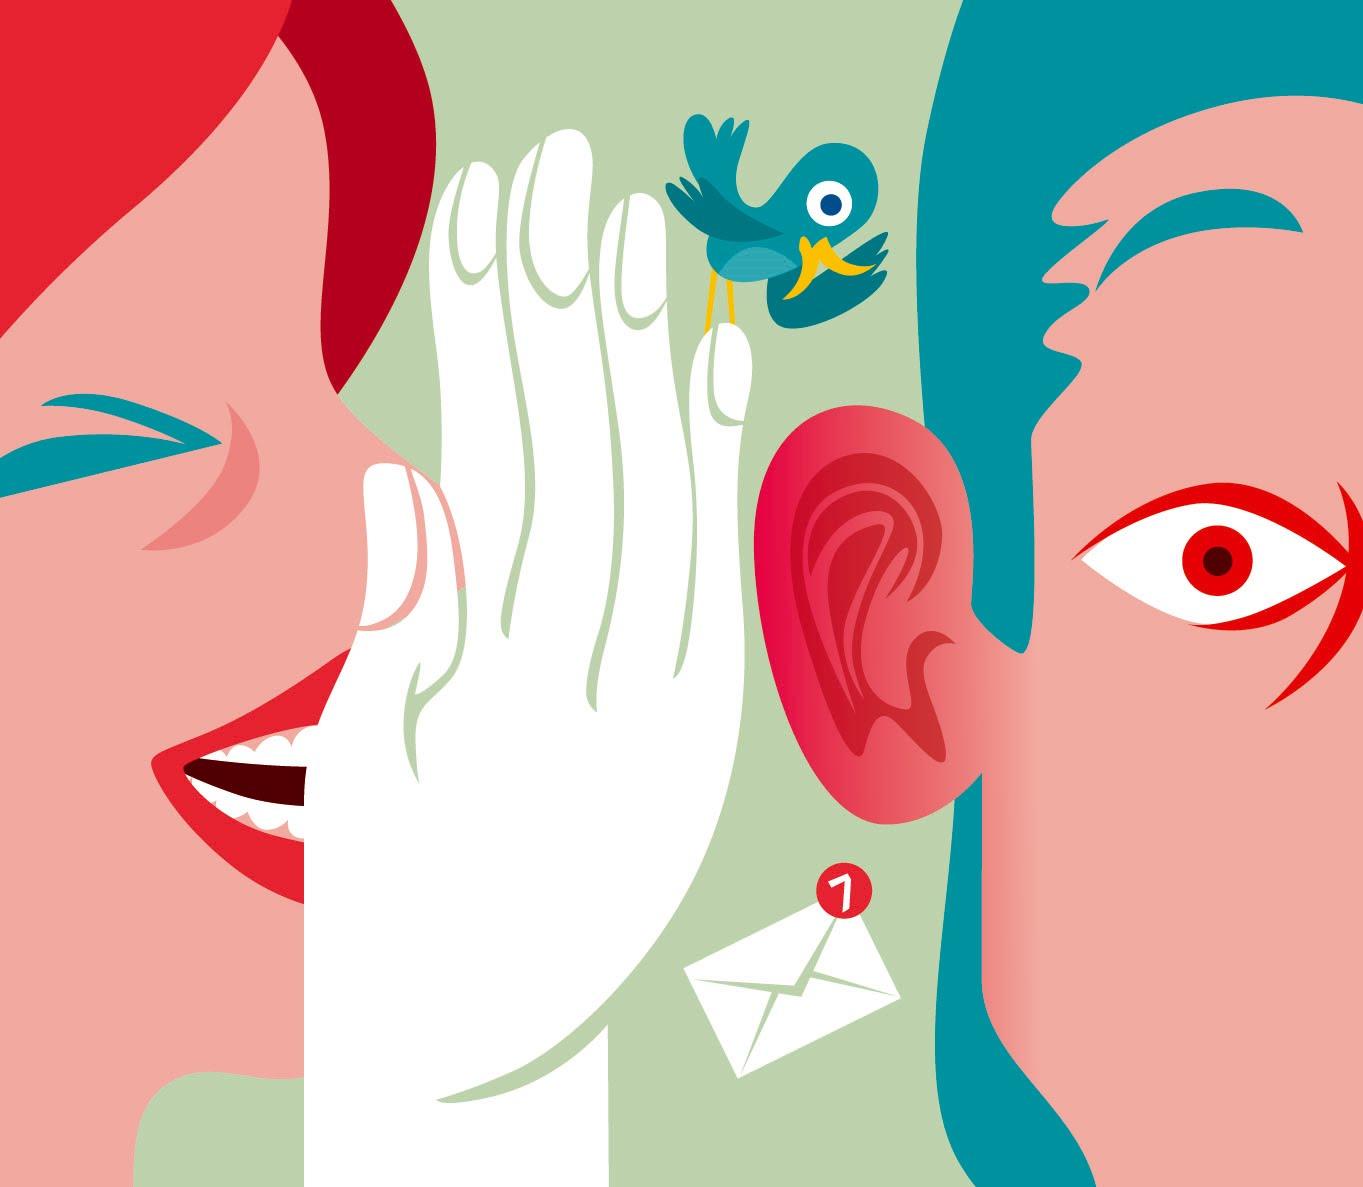 Hugo horita ilustraciones illustrations agosto 2010 for Chismes y espectaculos recientes